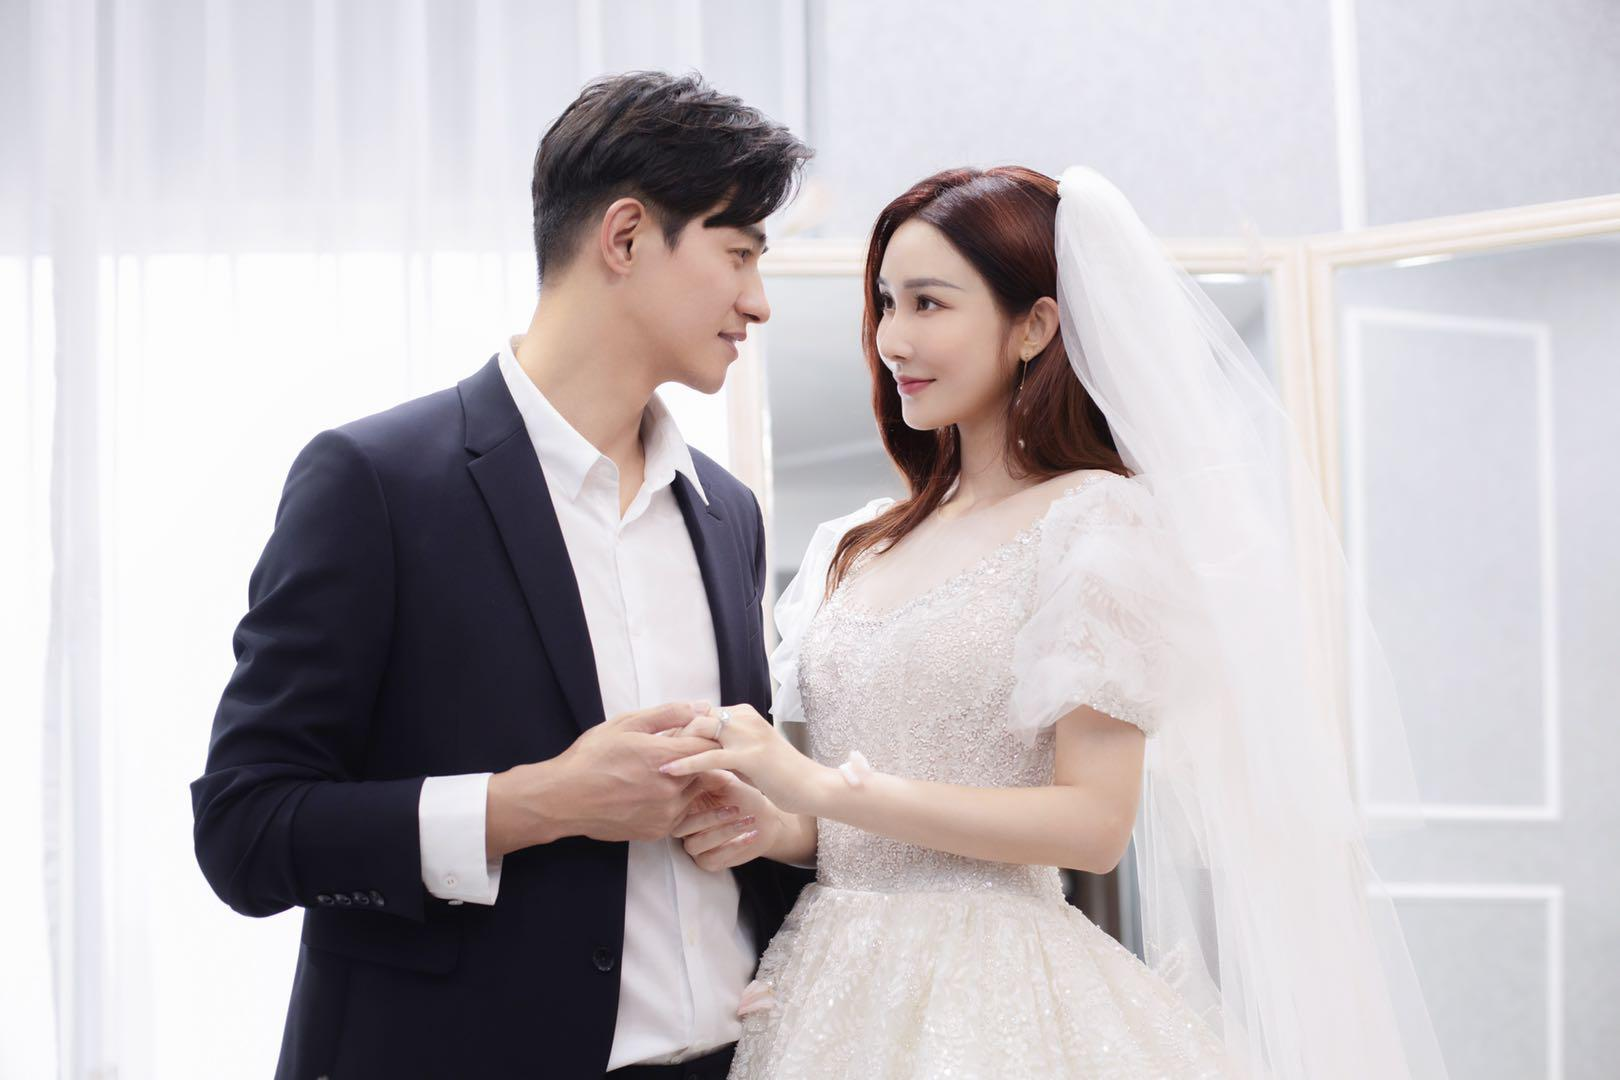 """李子峰官宣求婚现场照曝光 网友称""""又一个理想型结婚了"""""""